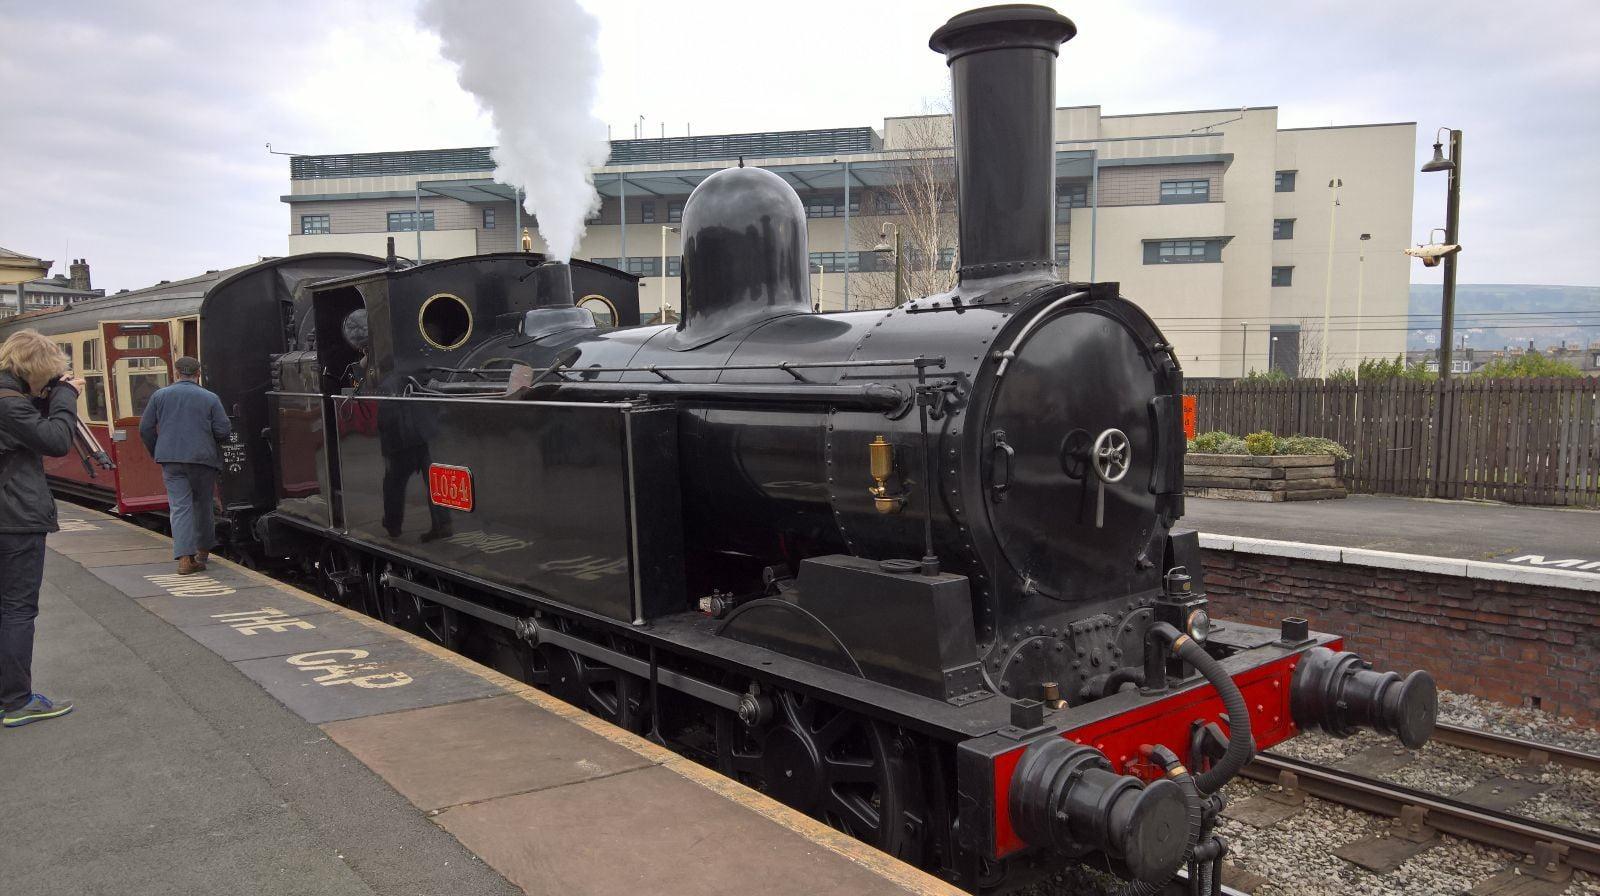 No. 1054 at Keighley